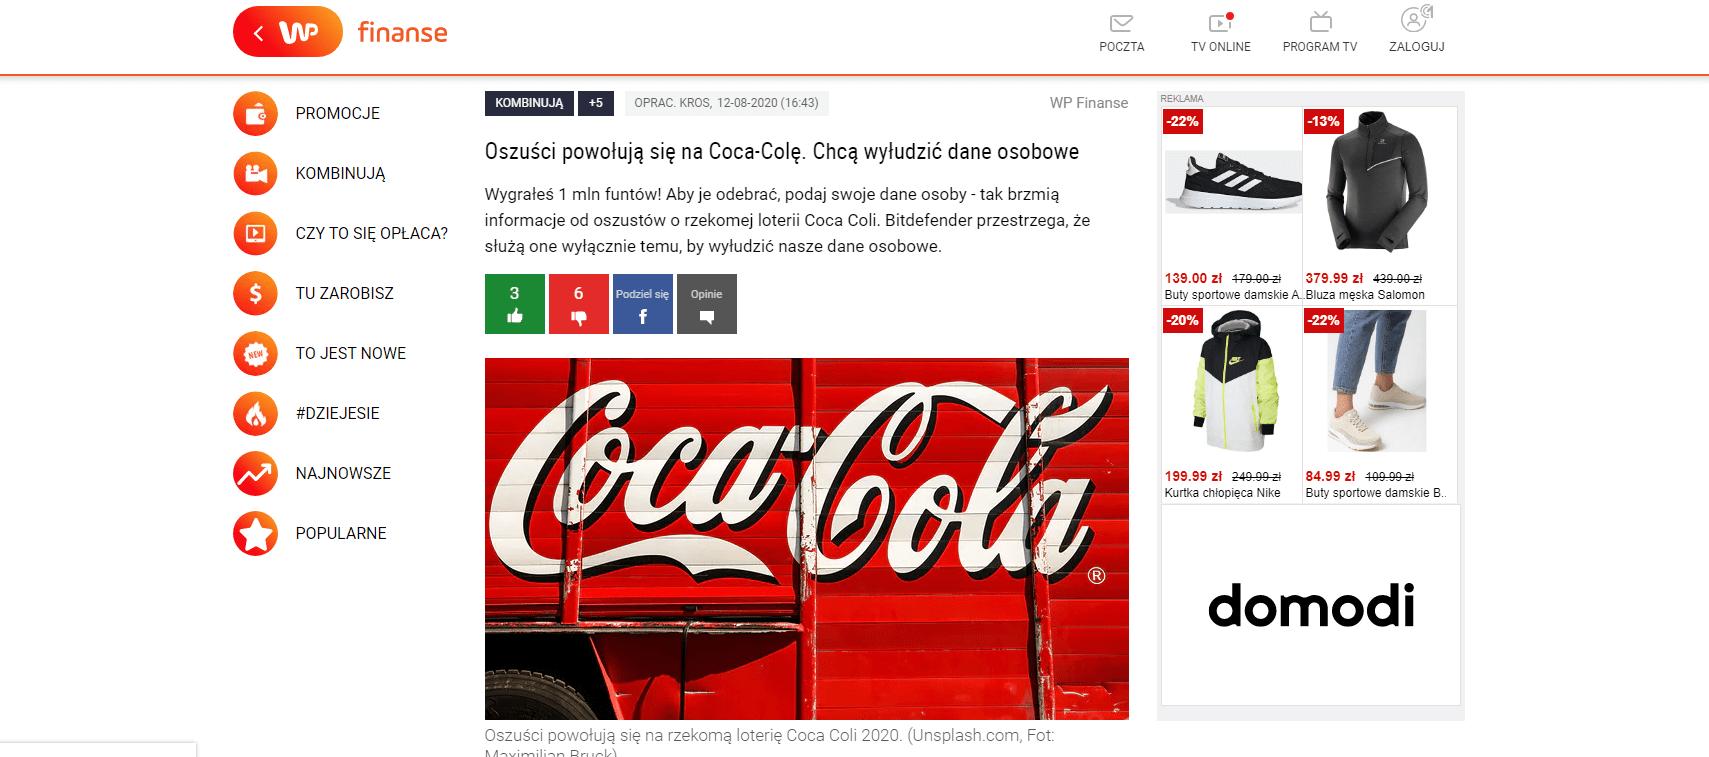 Oszuści powołują się na Coca-Colę.